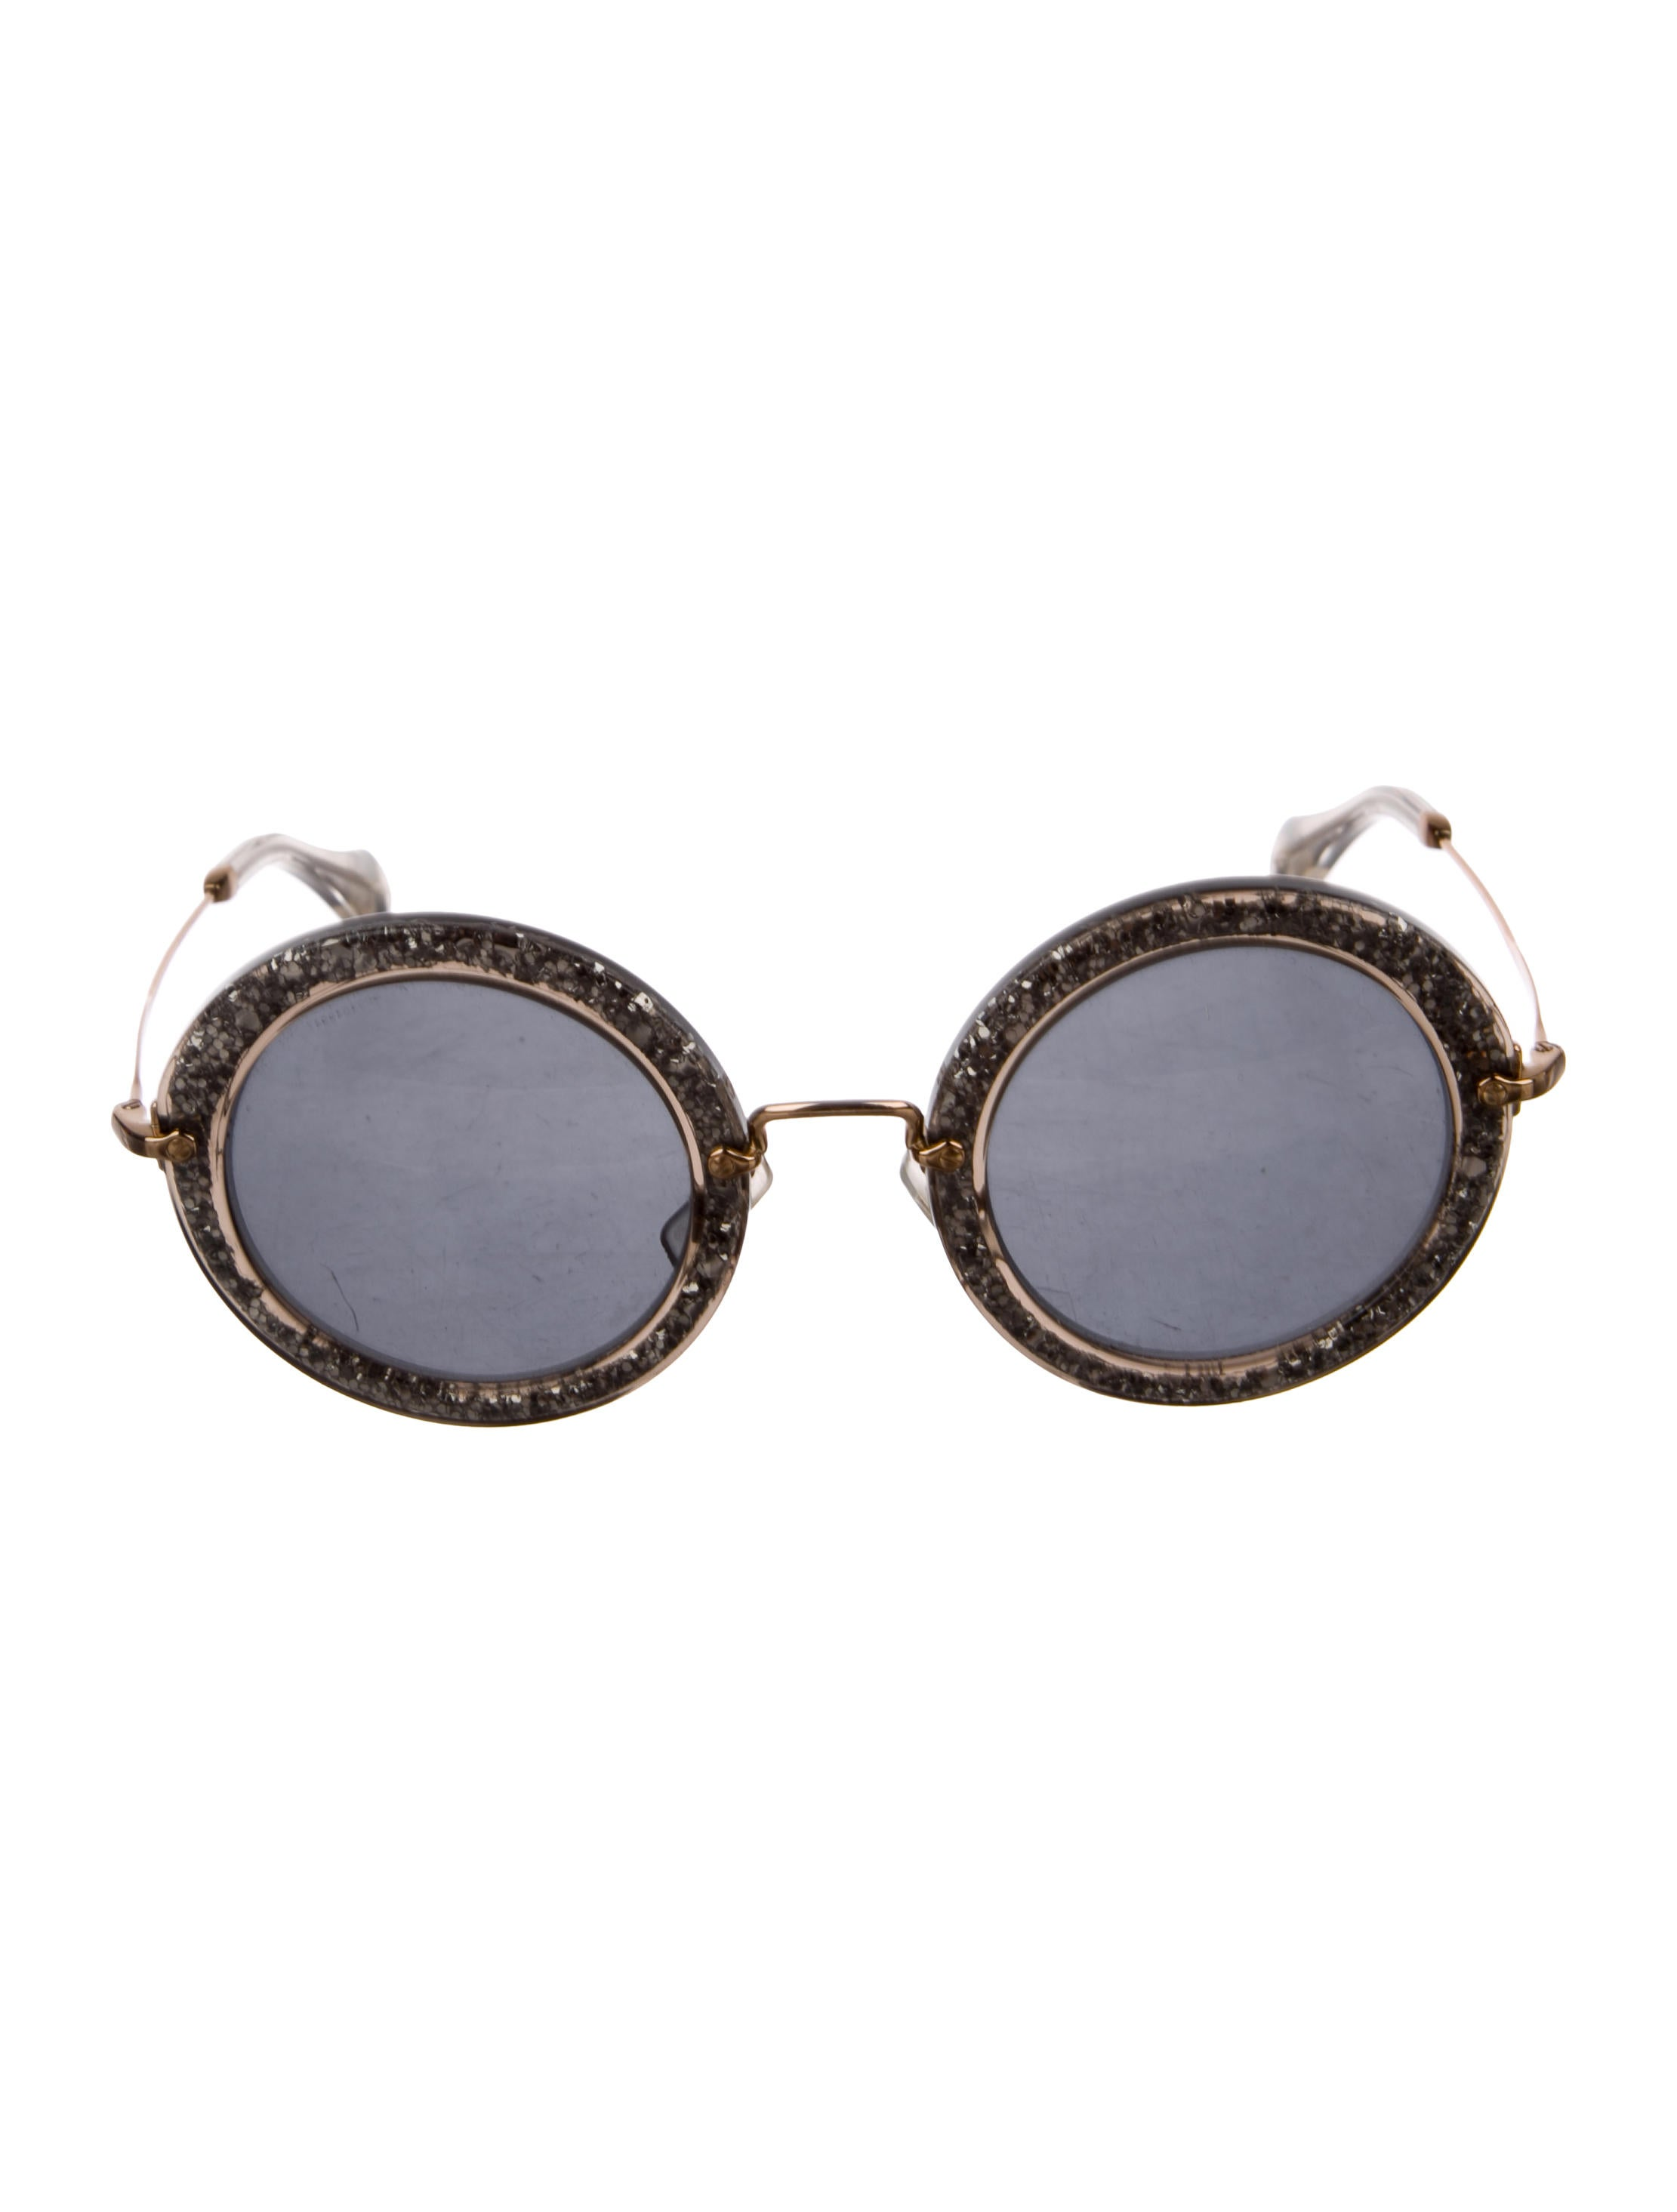 6c1a95efb1 Women · Accessories  Miu Miu Round Glitter Sunglasses. Round Glitter  Sunglasses